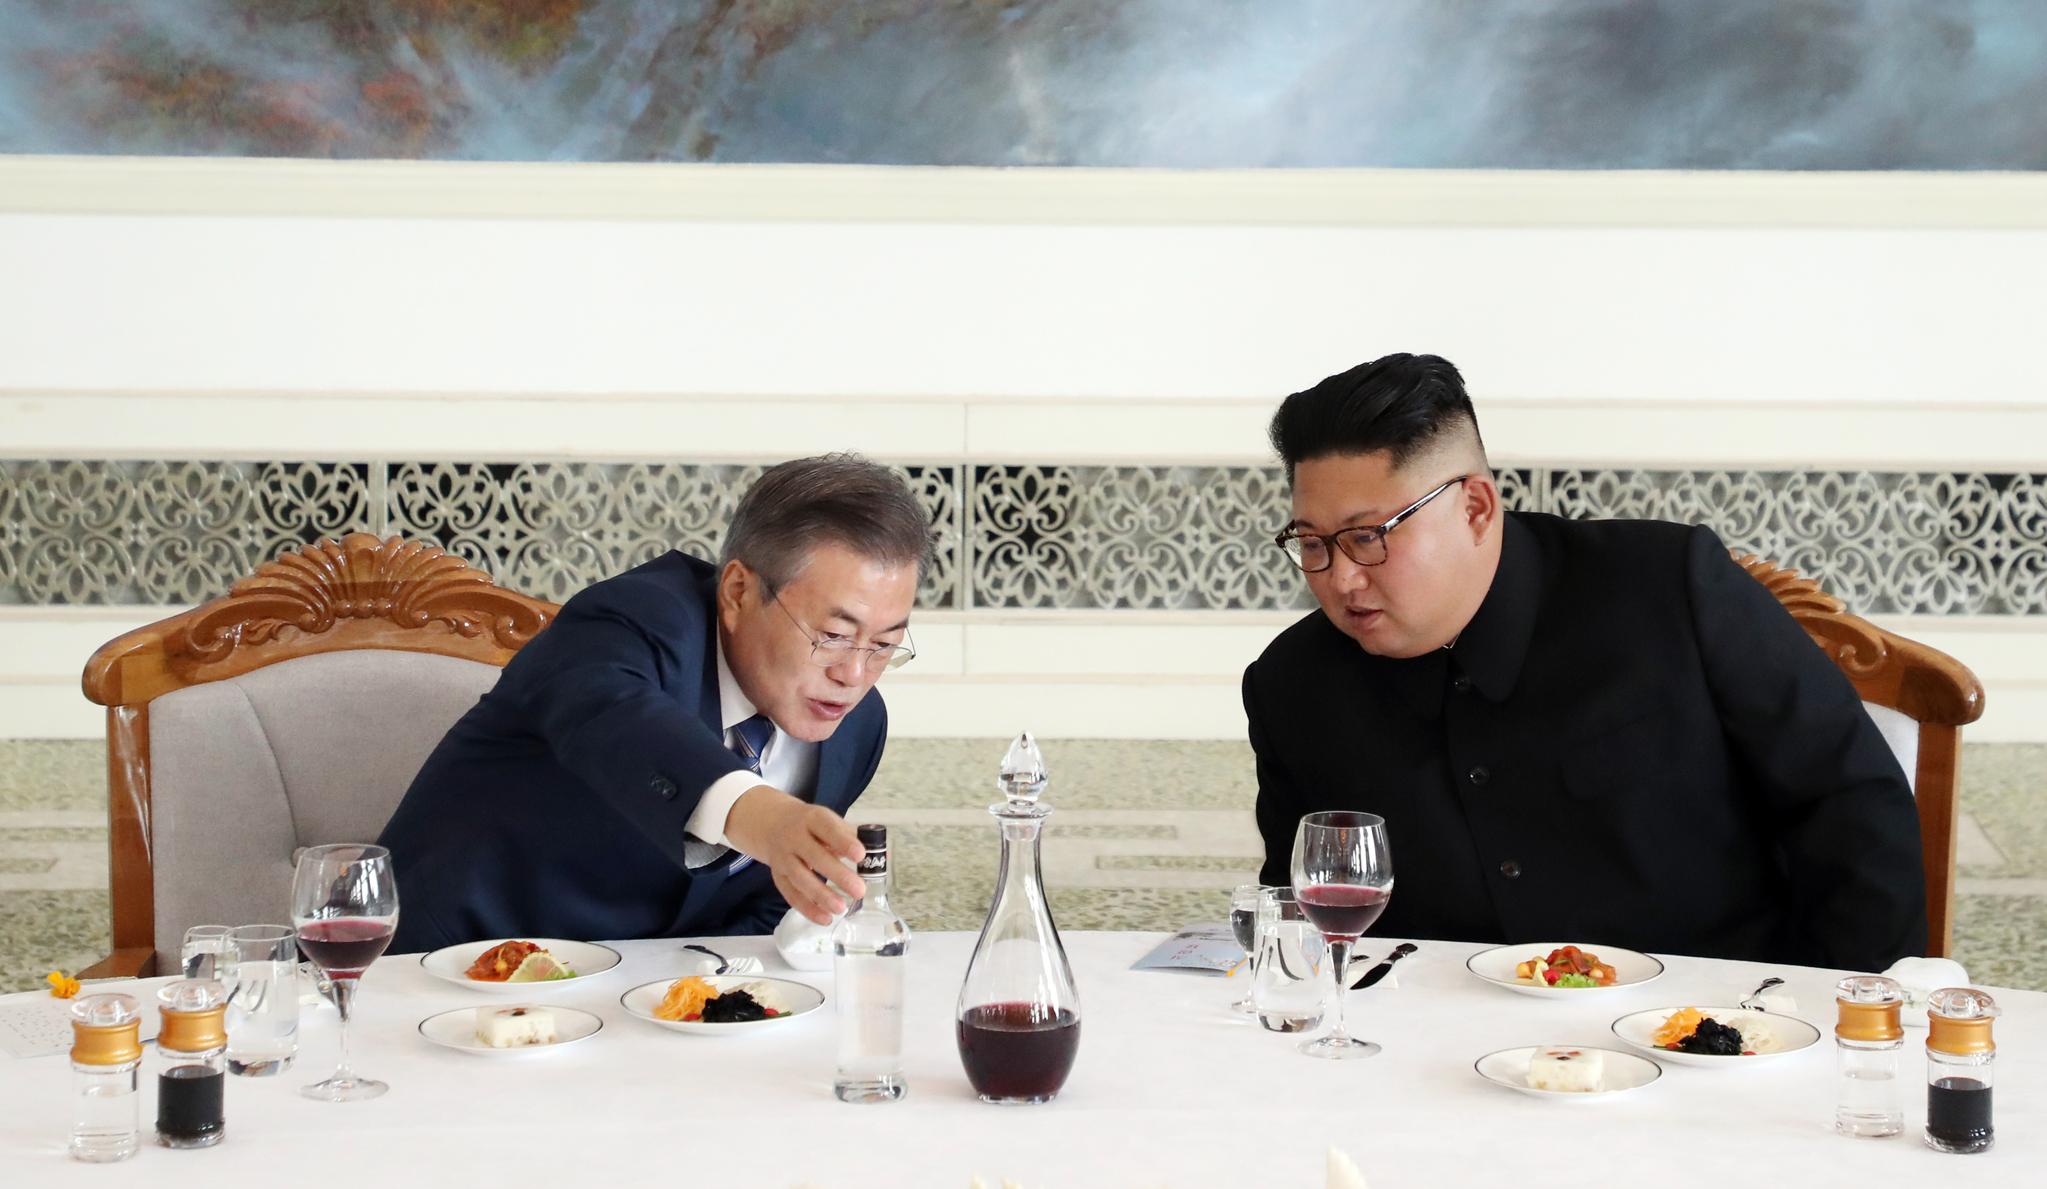 문재인 대통령과 김정은 국무위원장이 19일 오후 평양 옥류관에서 오찬을 하다 평양소주에 대해 대화를 나누고 있다. 평양사진공동취재단